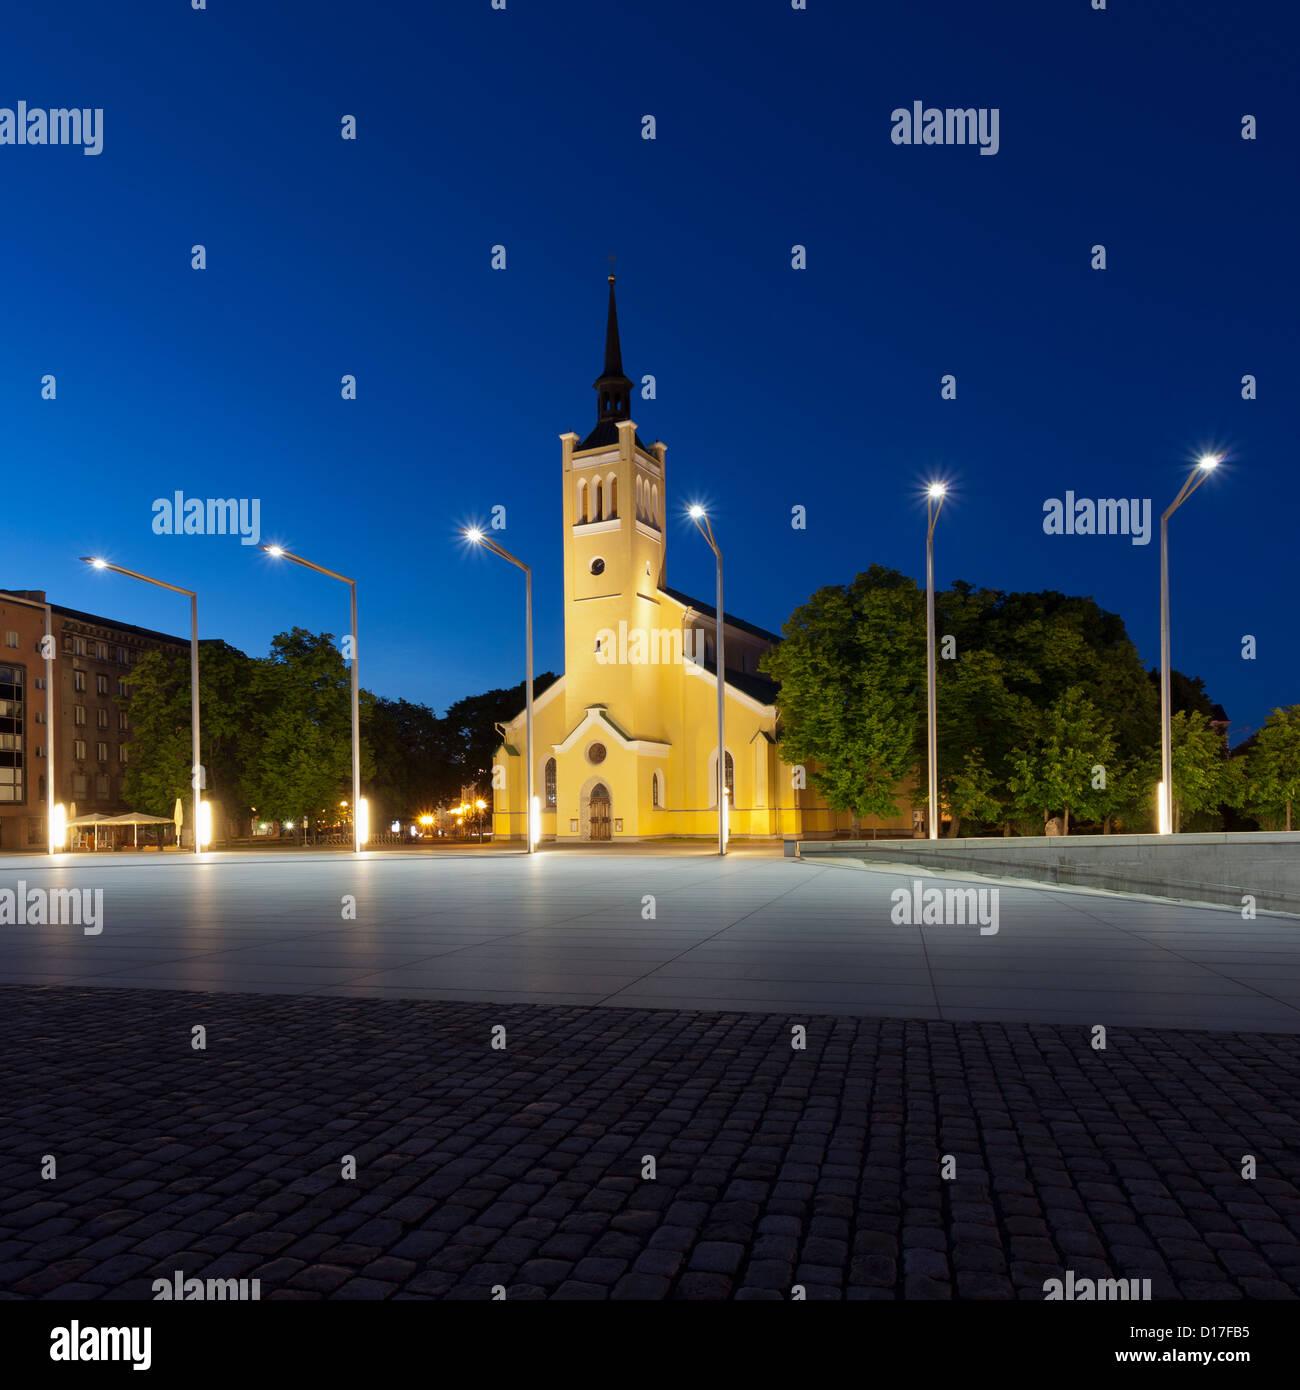 La chiesa si affaccia su piazza cittadina Immagini Stock